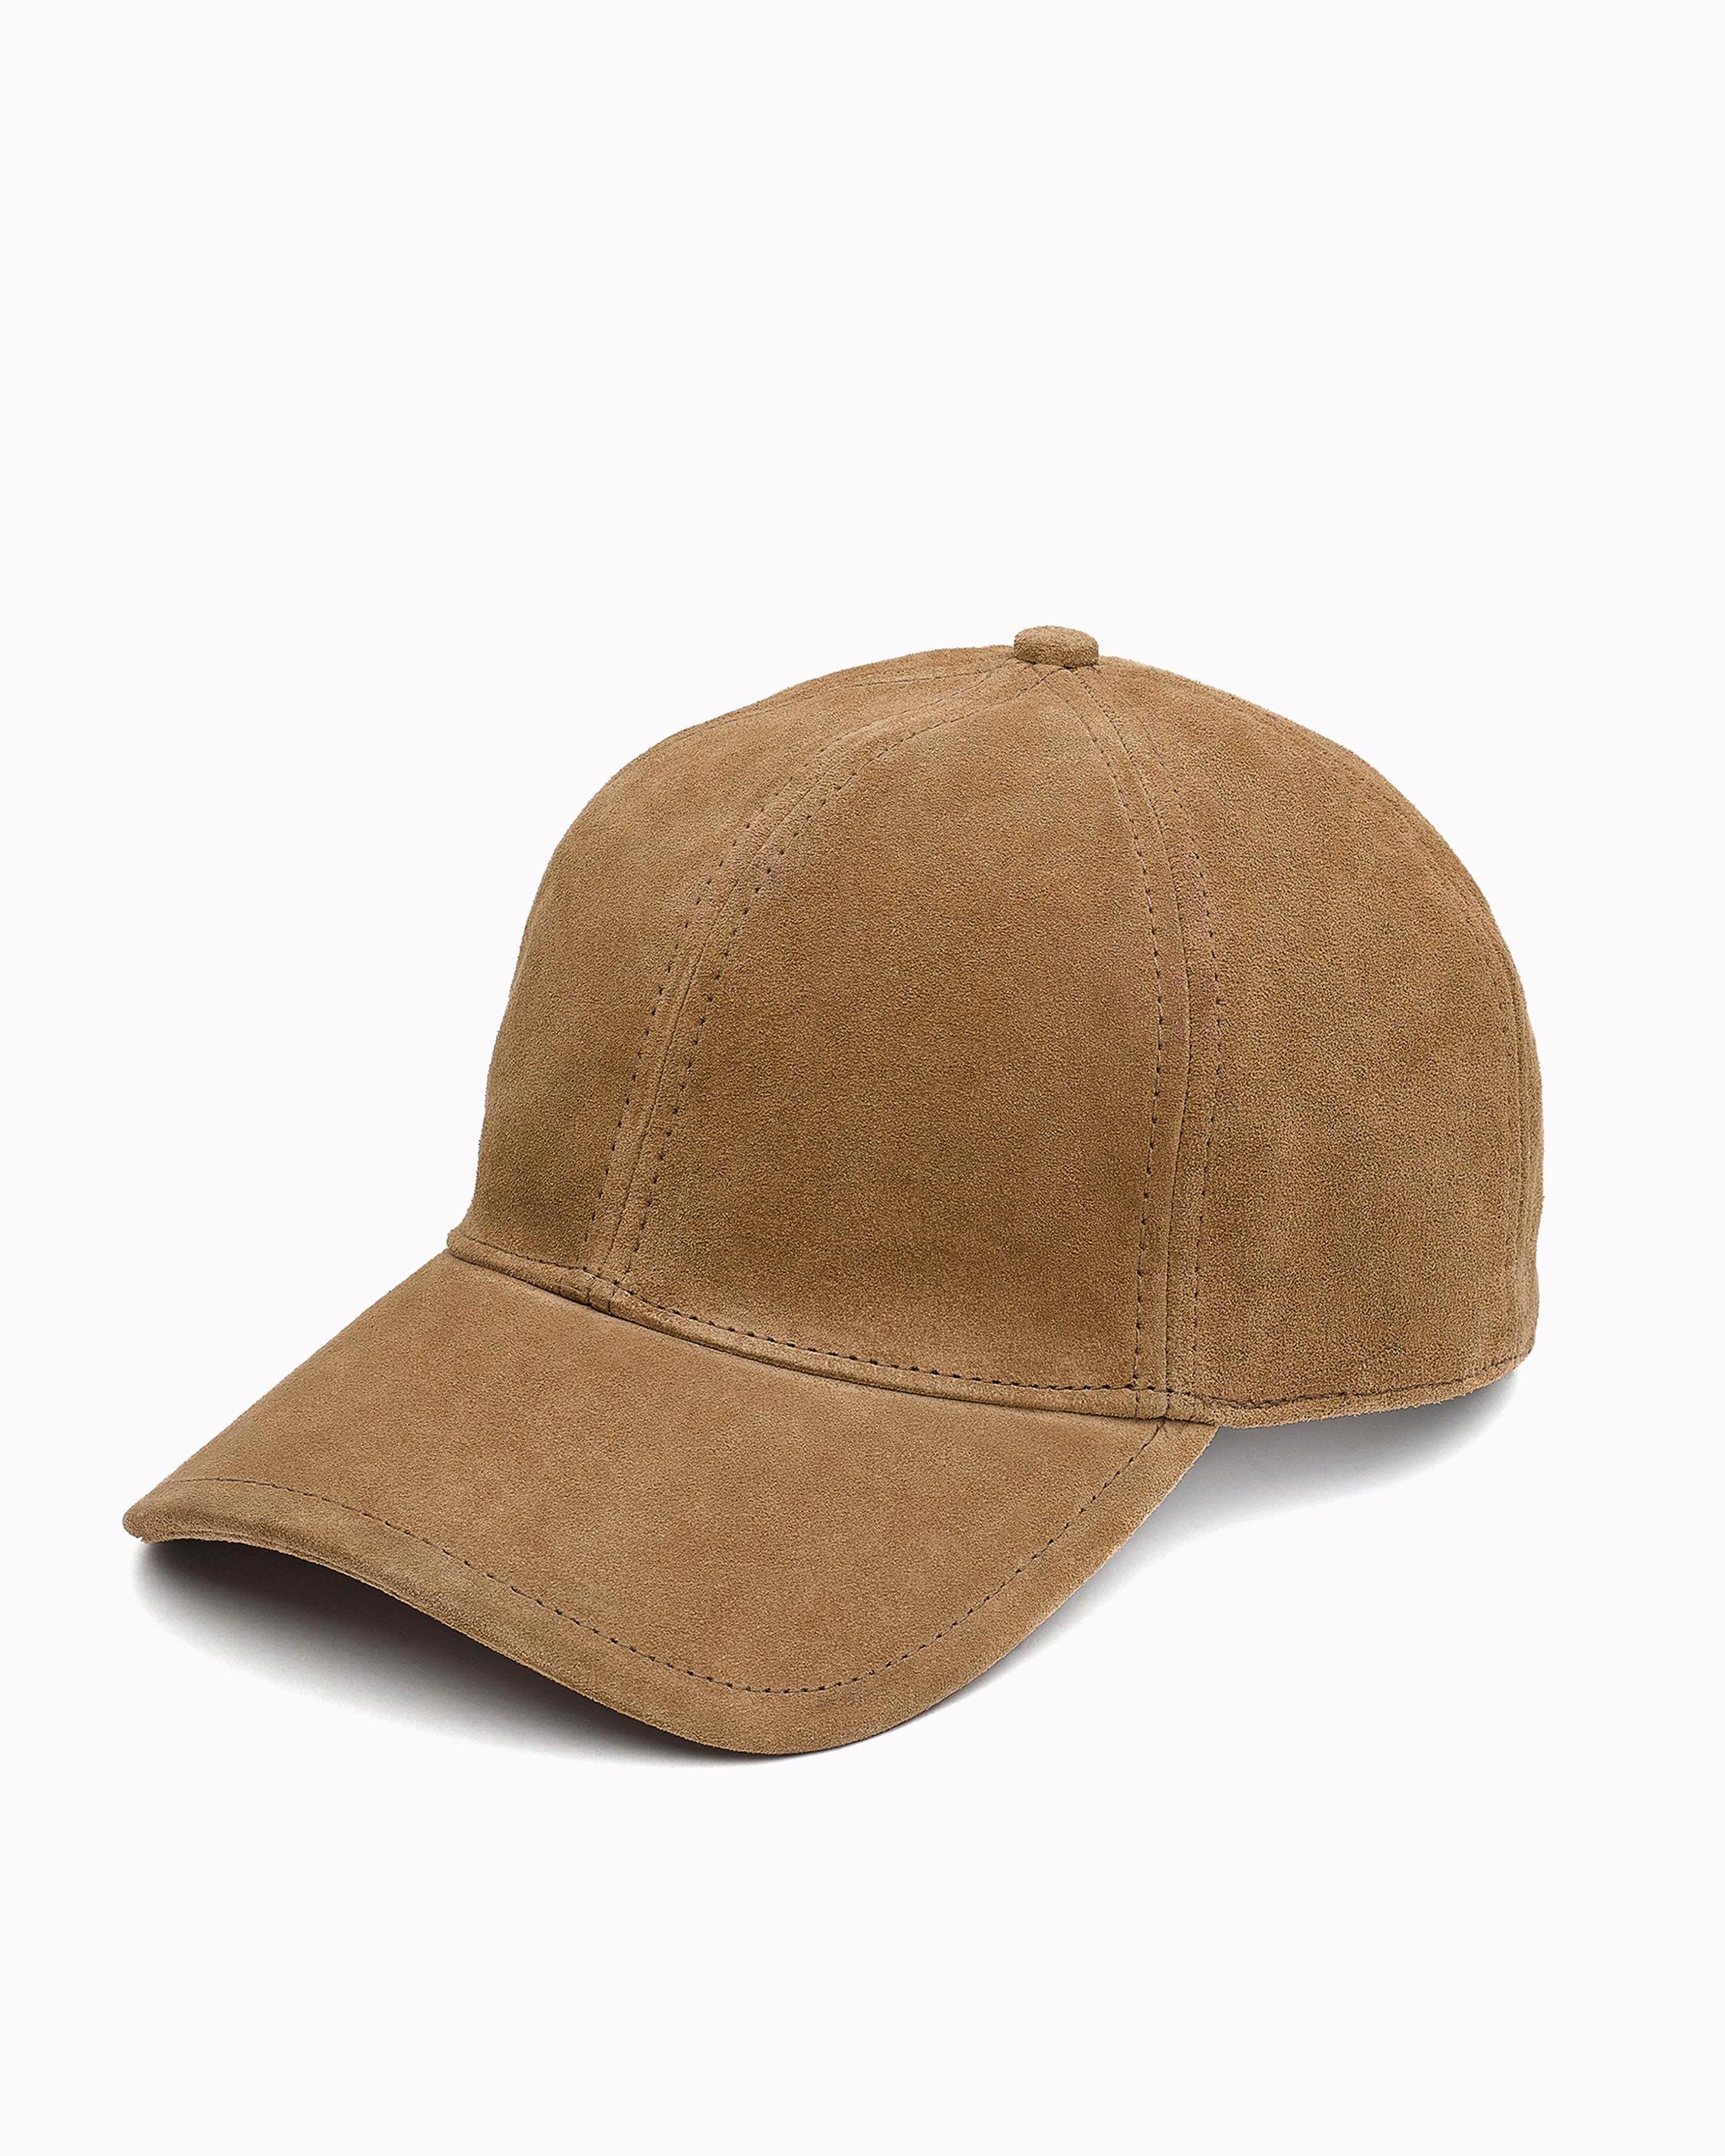 73388575ca4 Lyst - Rag   Bone Marilyn Baseball Cap in Natural